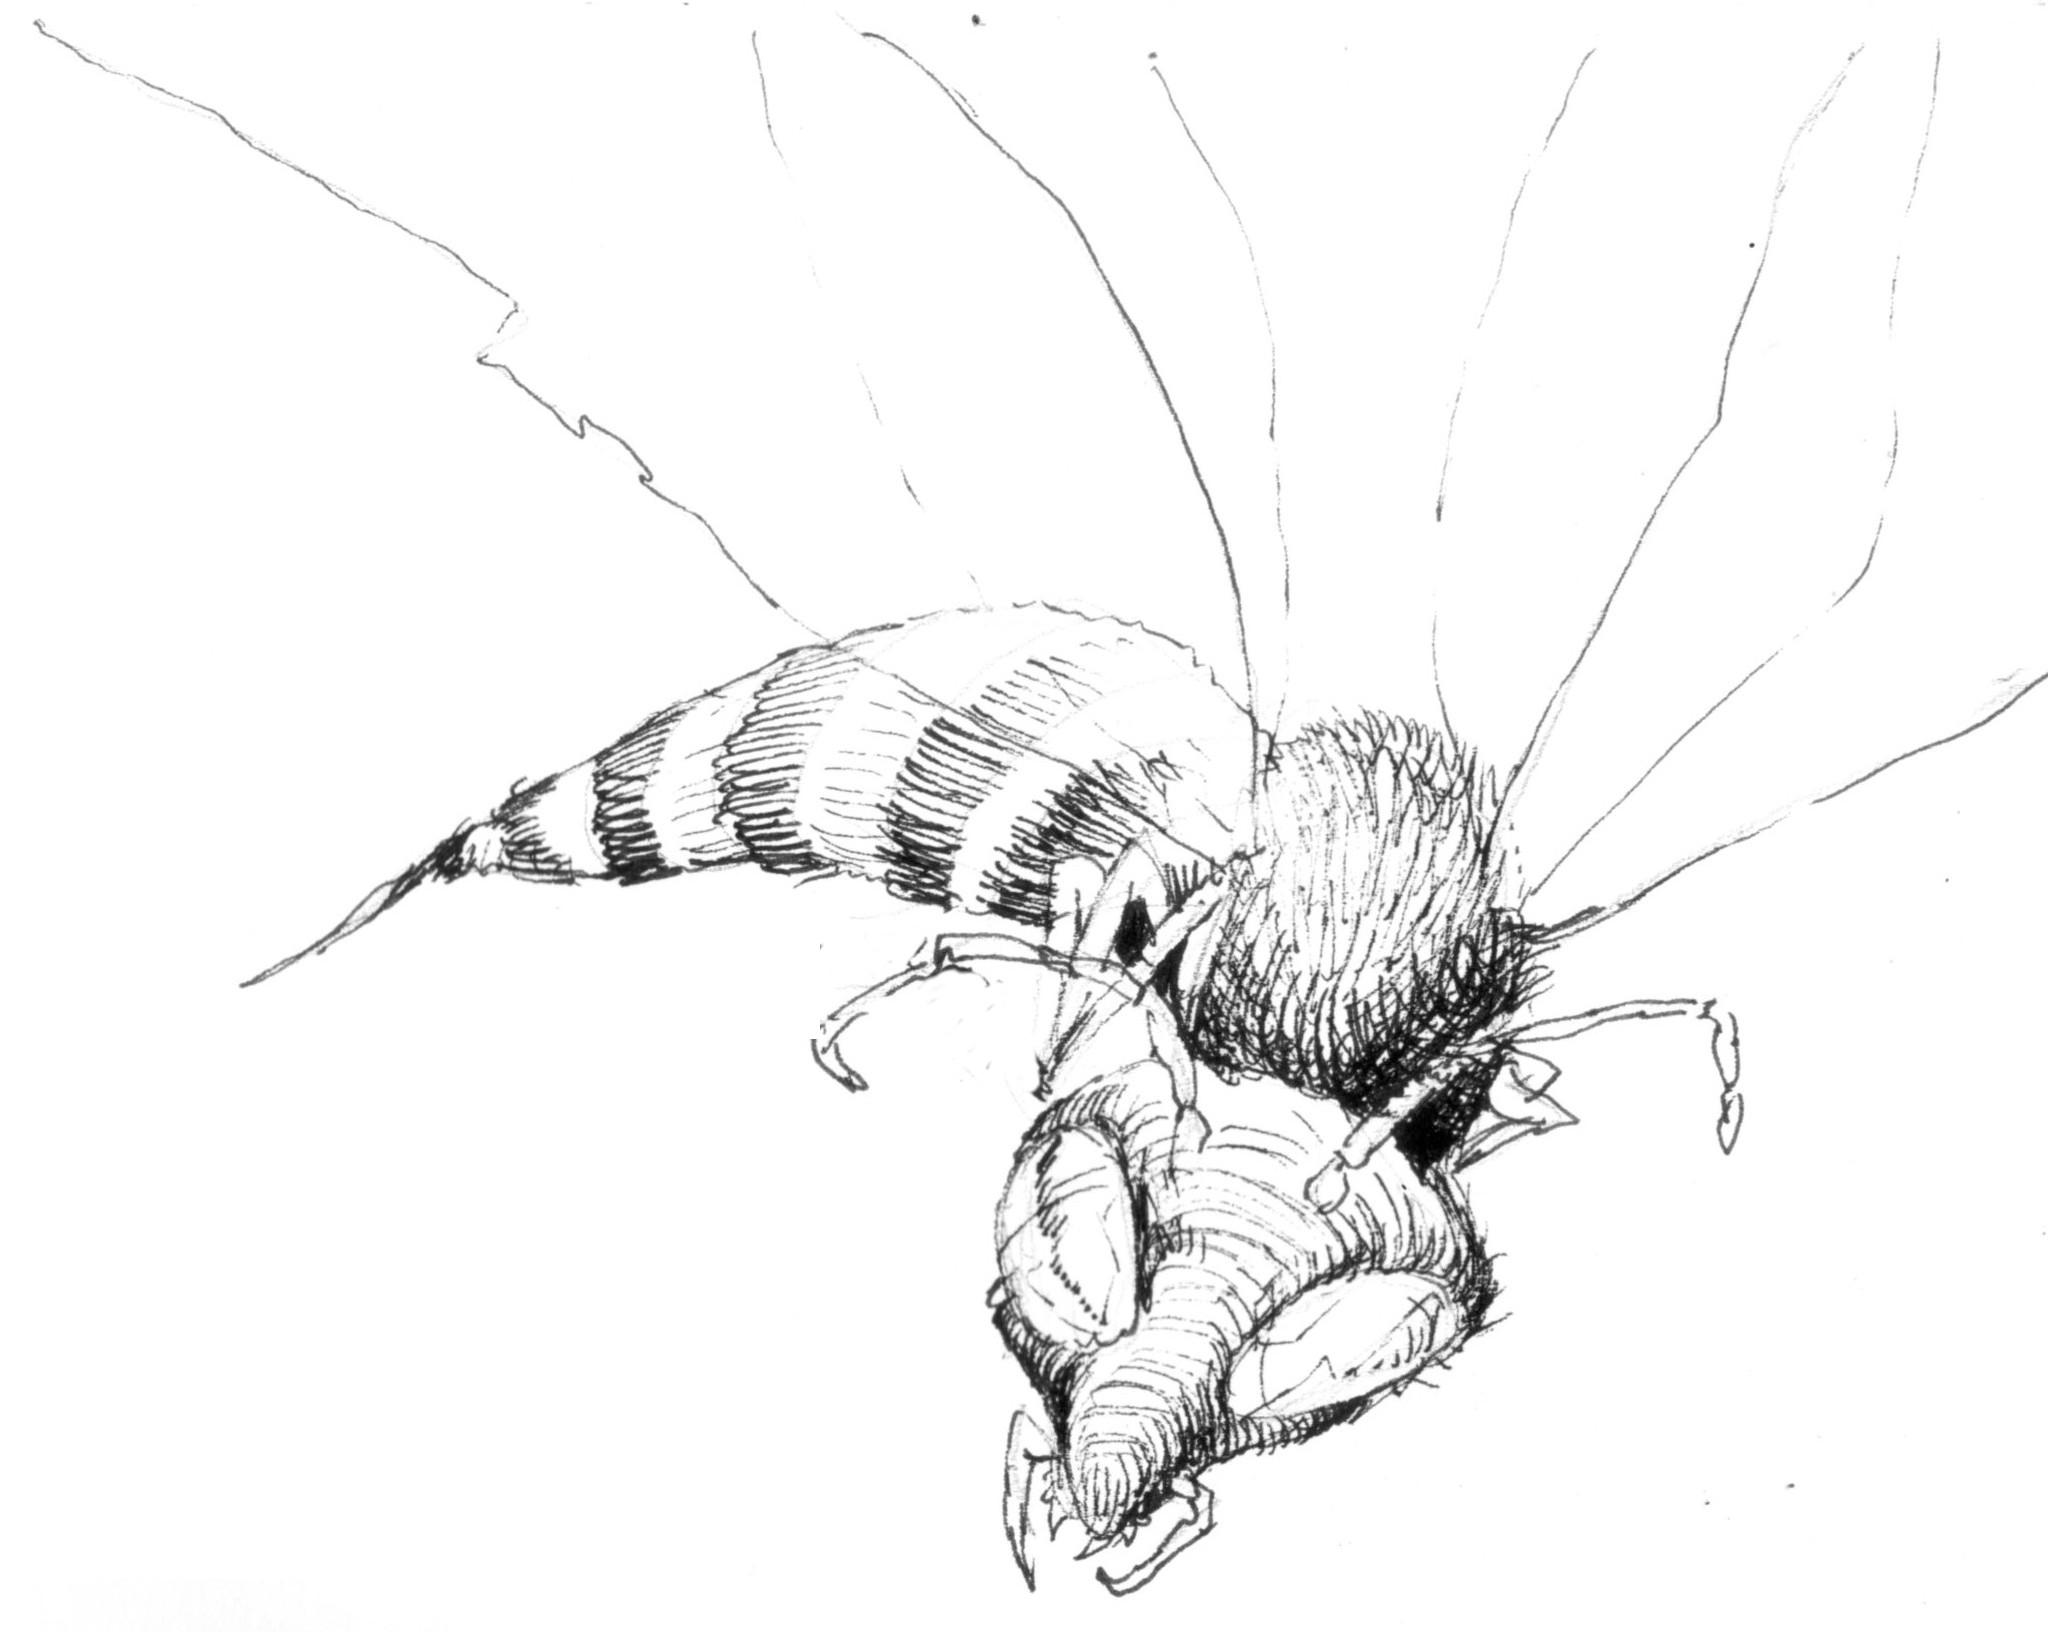 Der Totenschädel & die Spinnen...